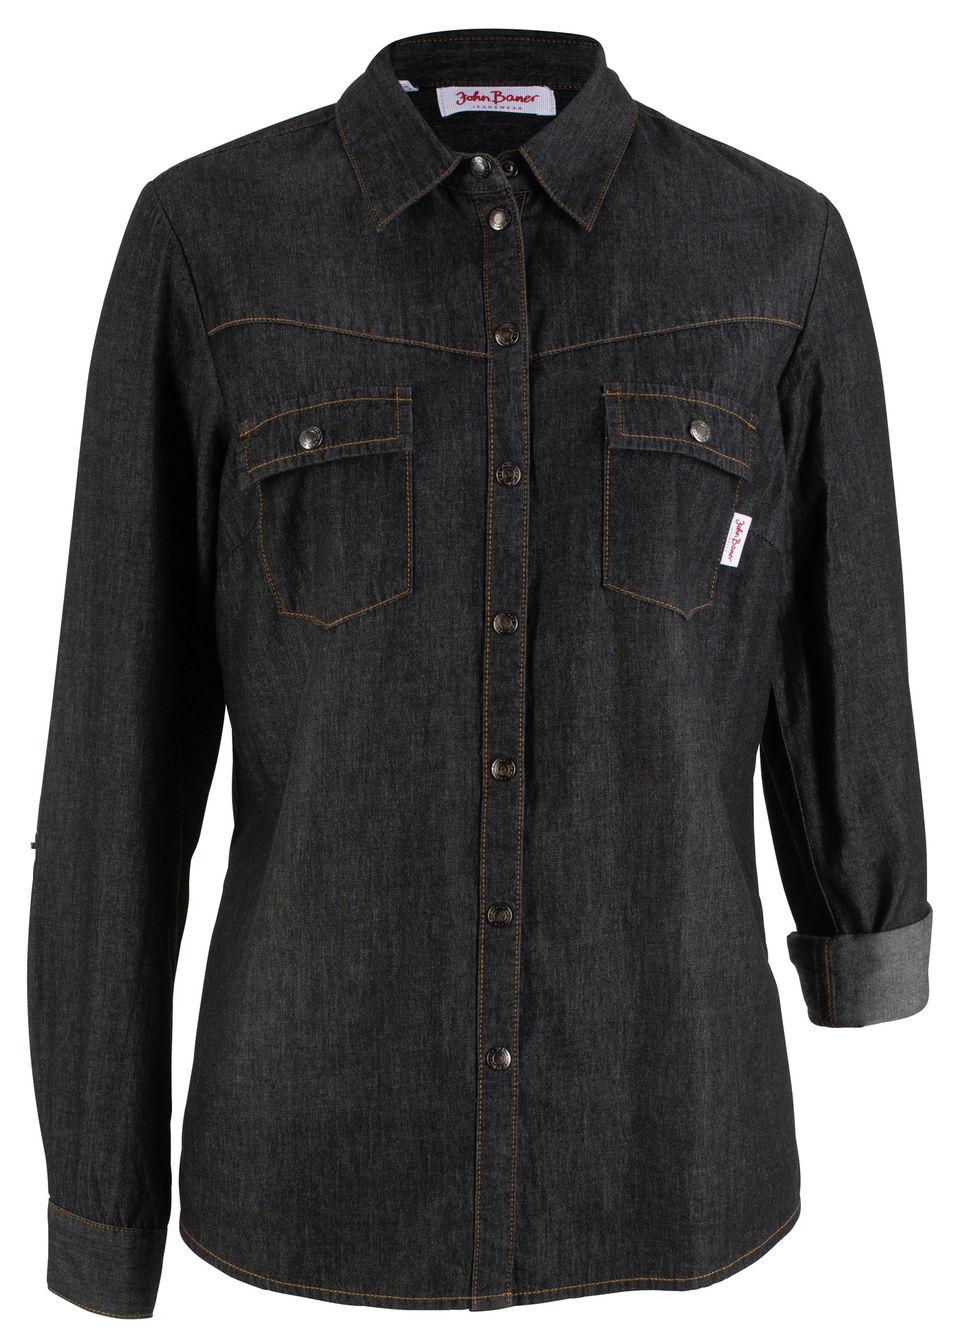 Рубашка с застежкой на кнопки, деним от bonprix